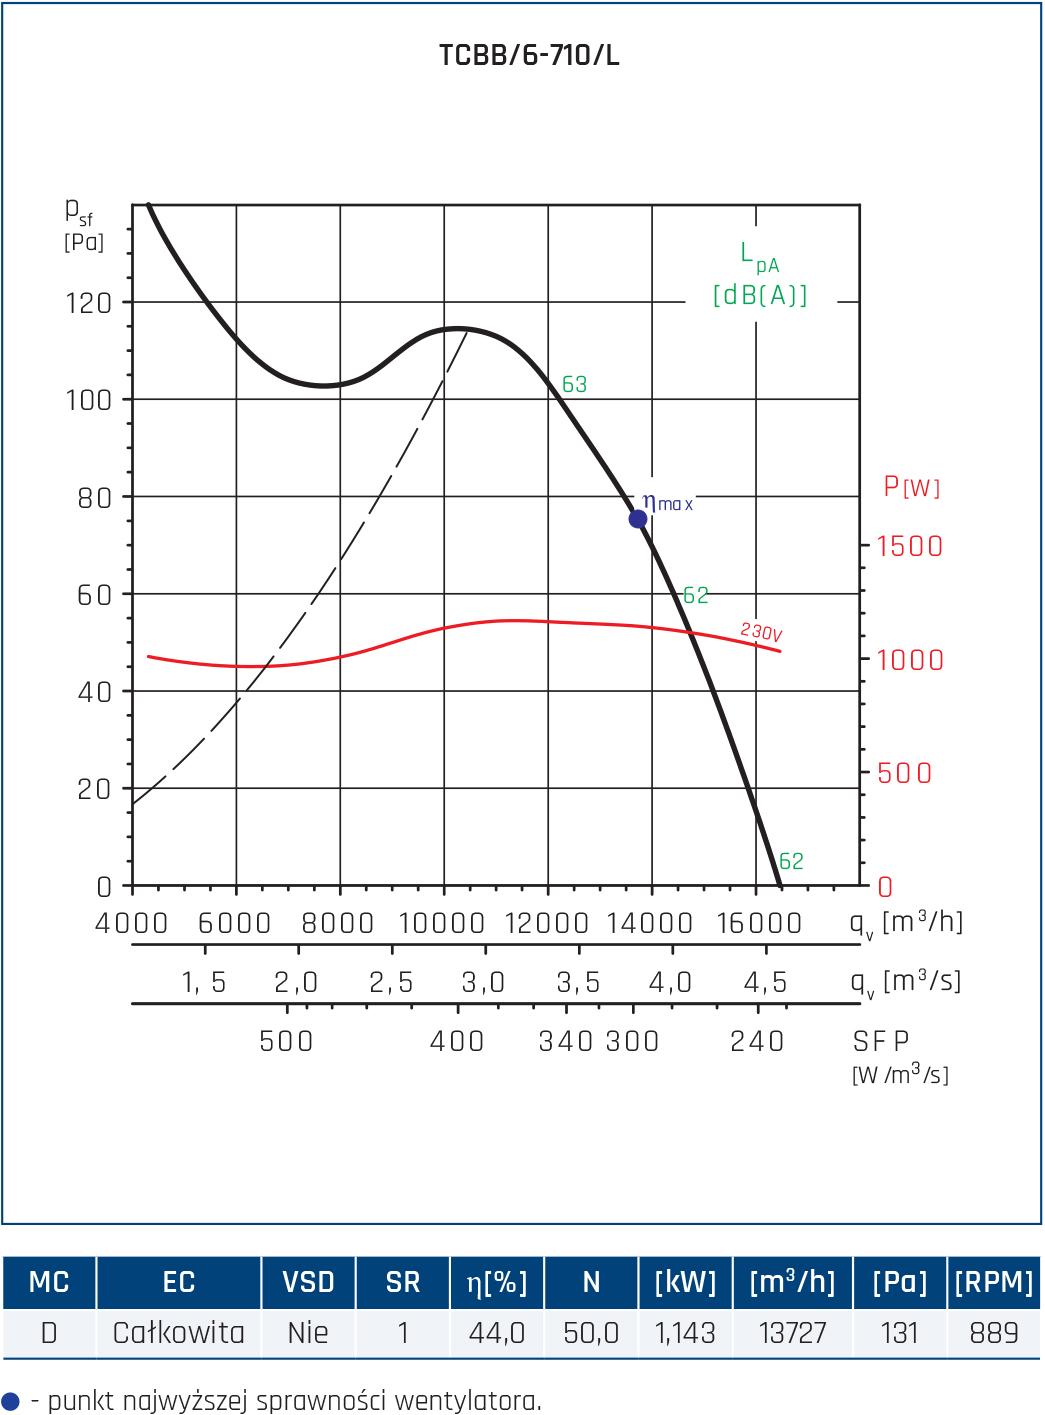 Wentylator Compact TCBB/TCBT 70